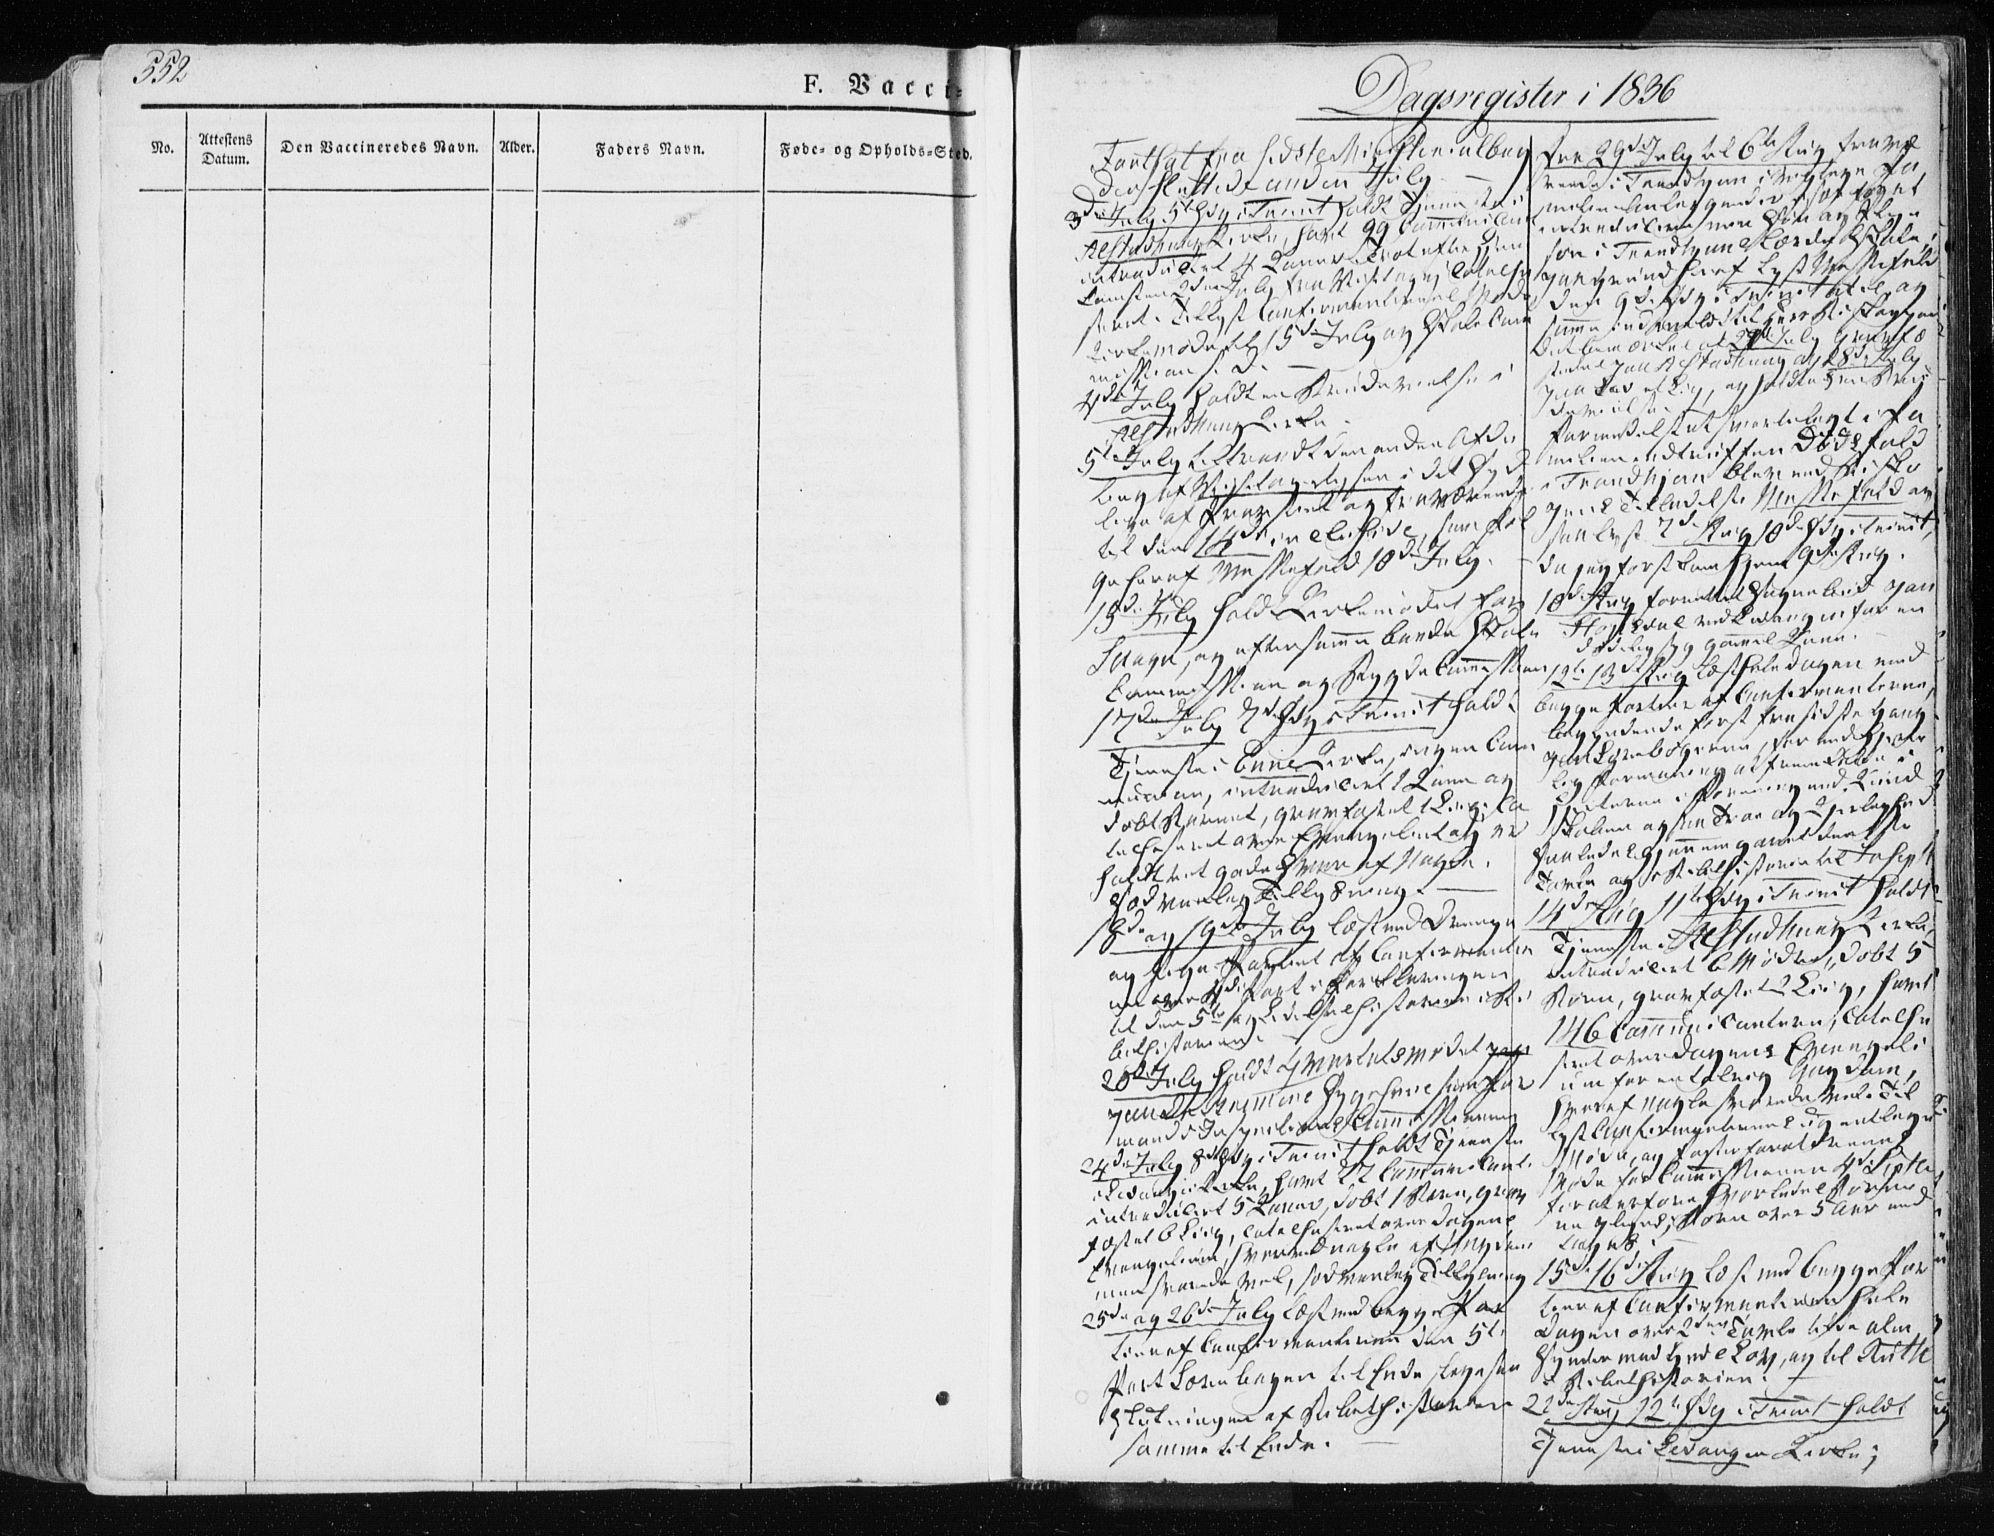 SAT, Ministerialprotokoller, klokkerbøker og fødselsregistre - Nord-Trøndelag, 717/L0154: Ministerialbok nr. 717A06 /1, 1836-1849, s. 552